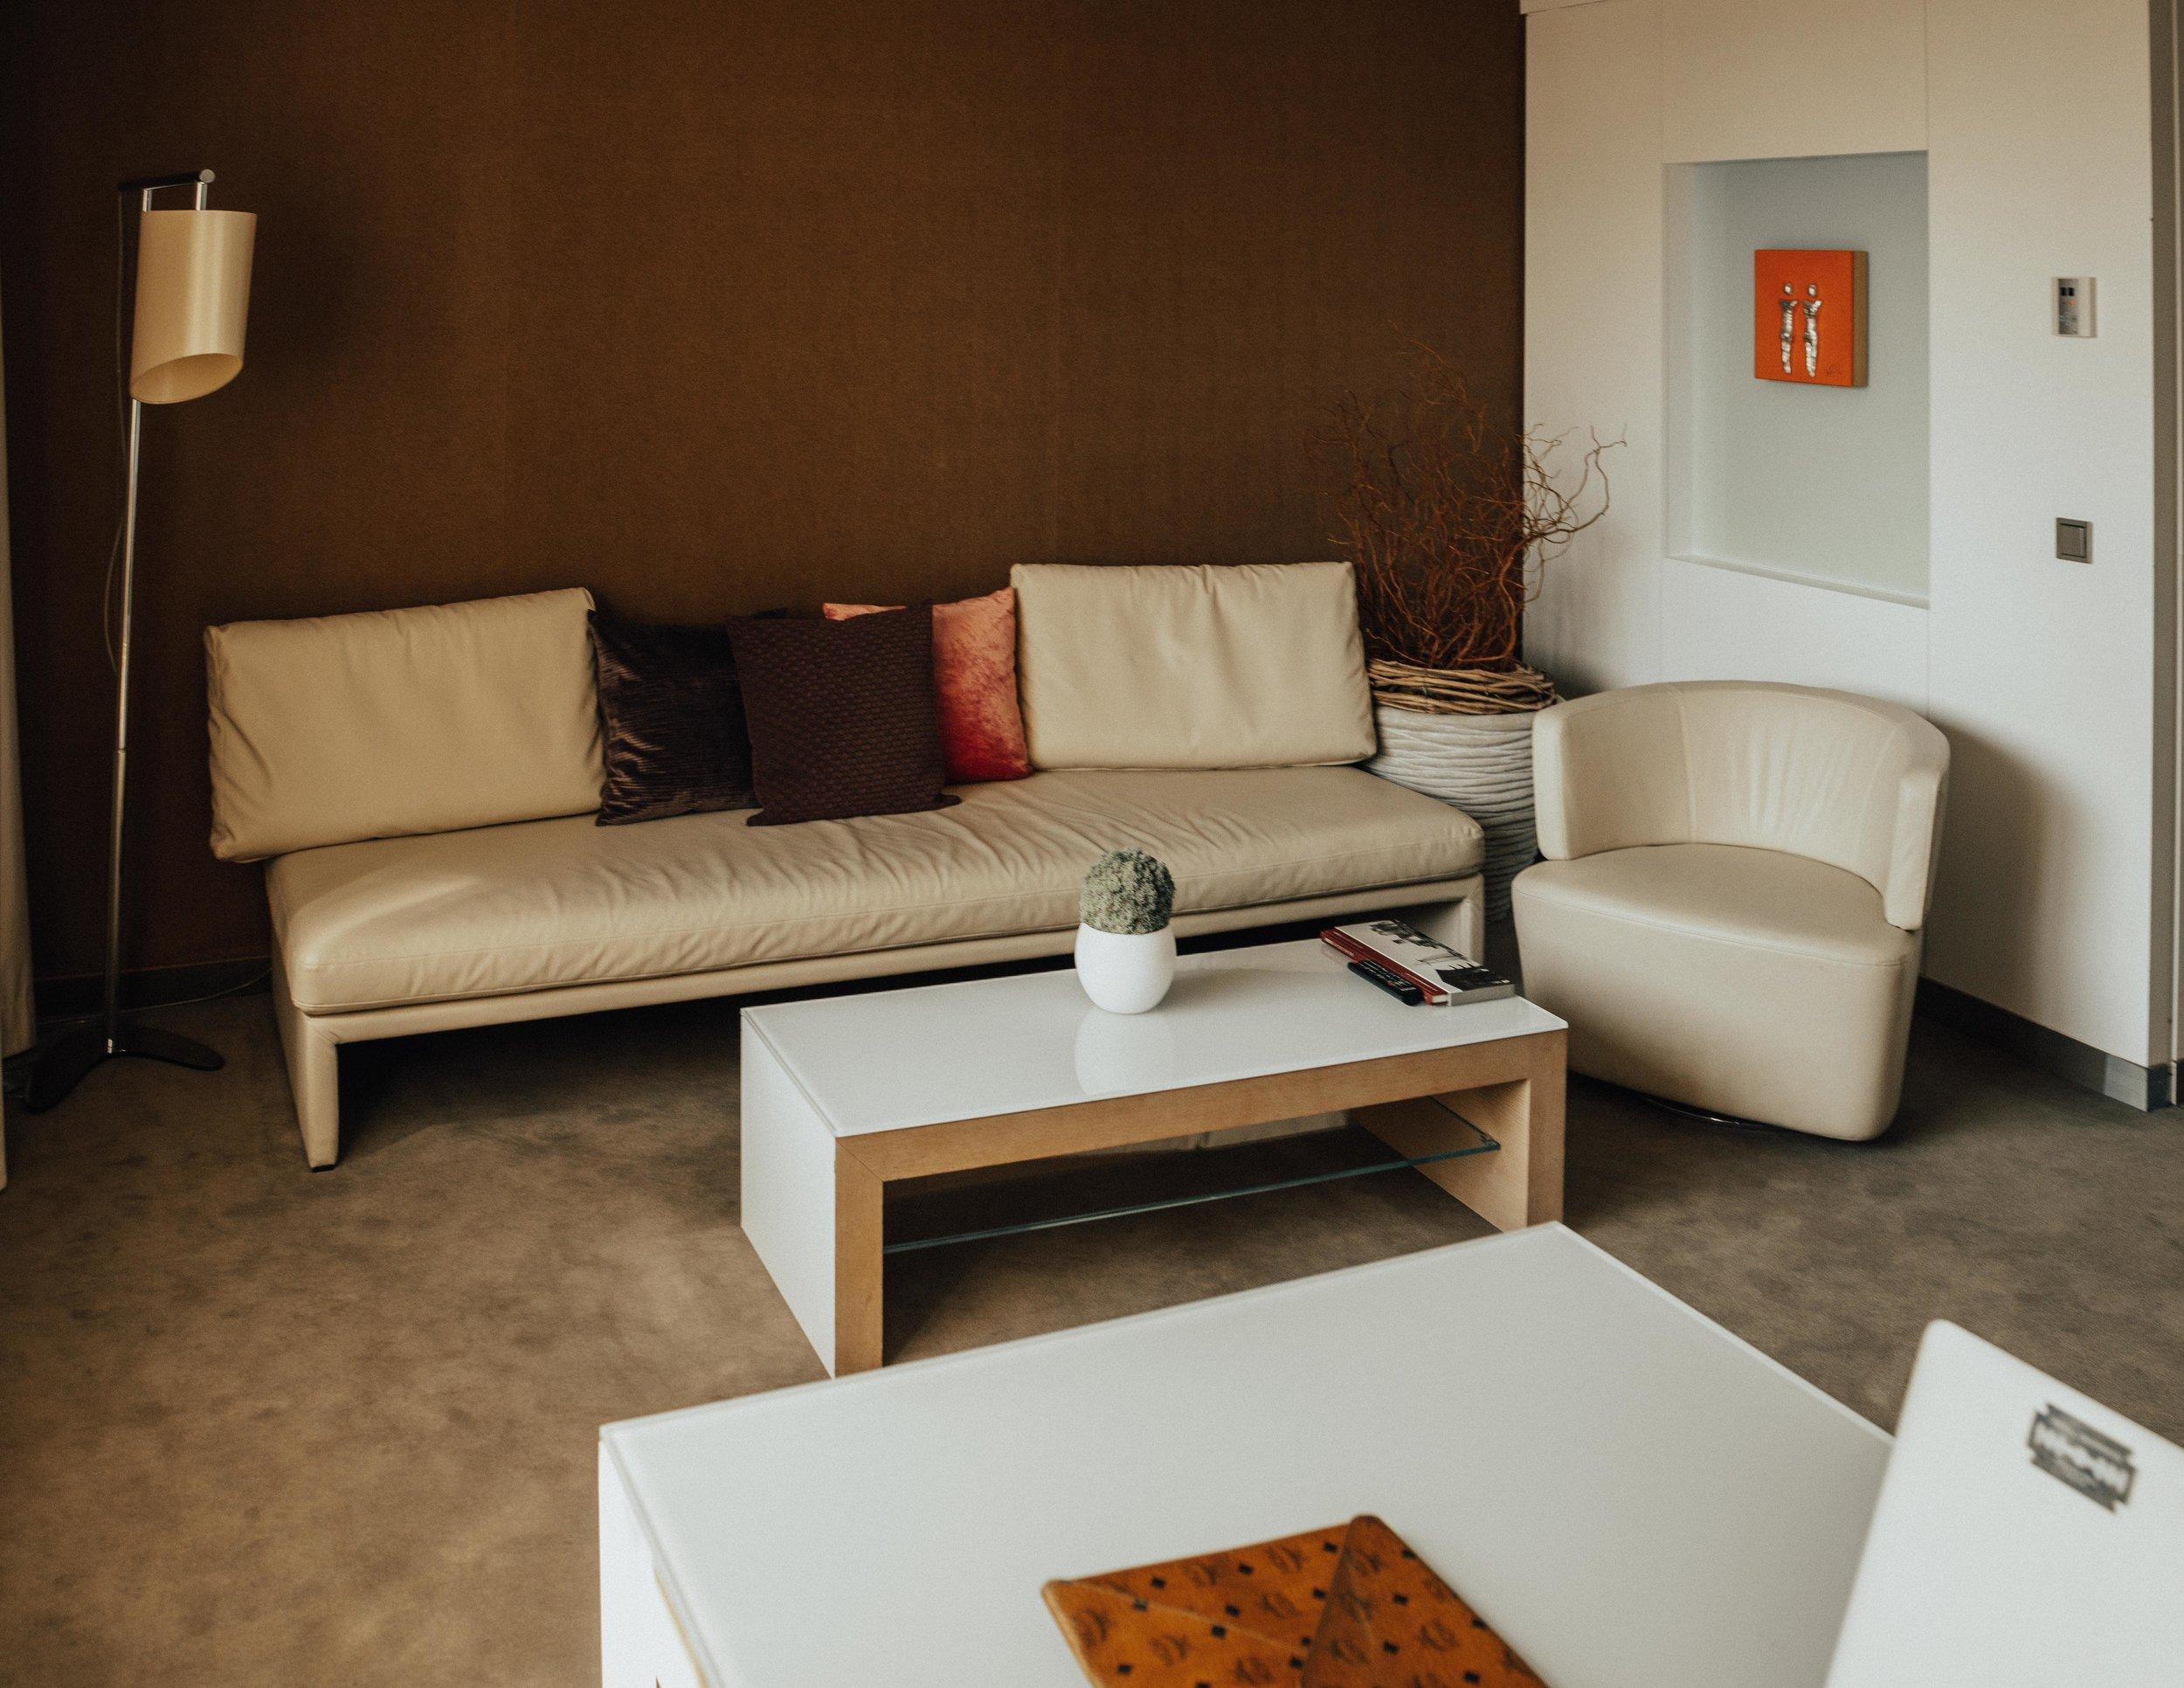 Pullman-hotel-berlin-suite-sug-sean-19.jpg